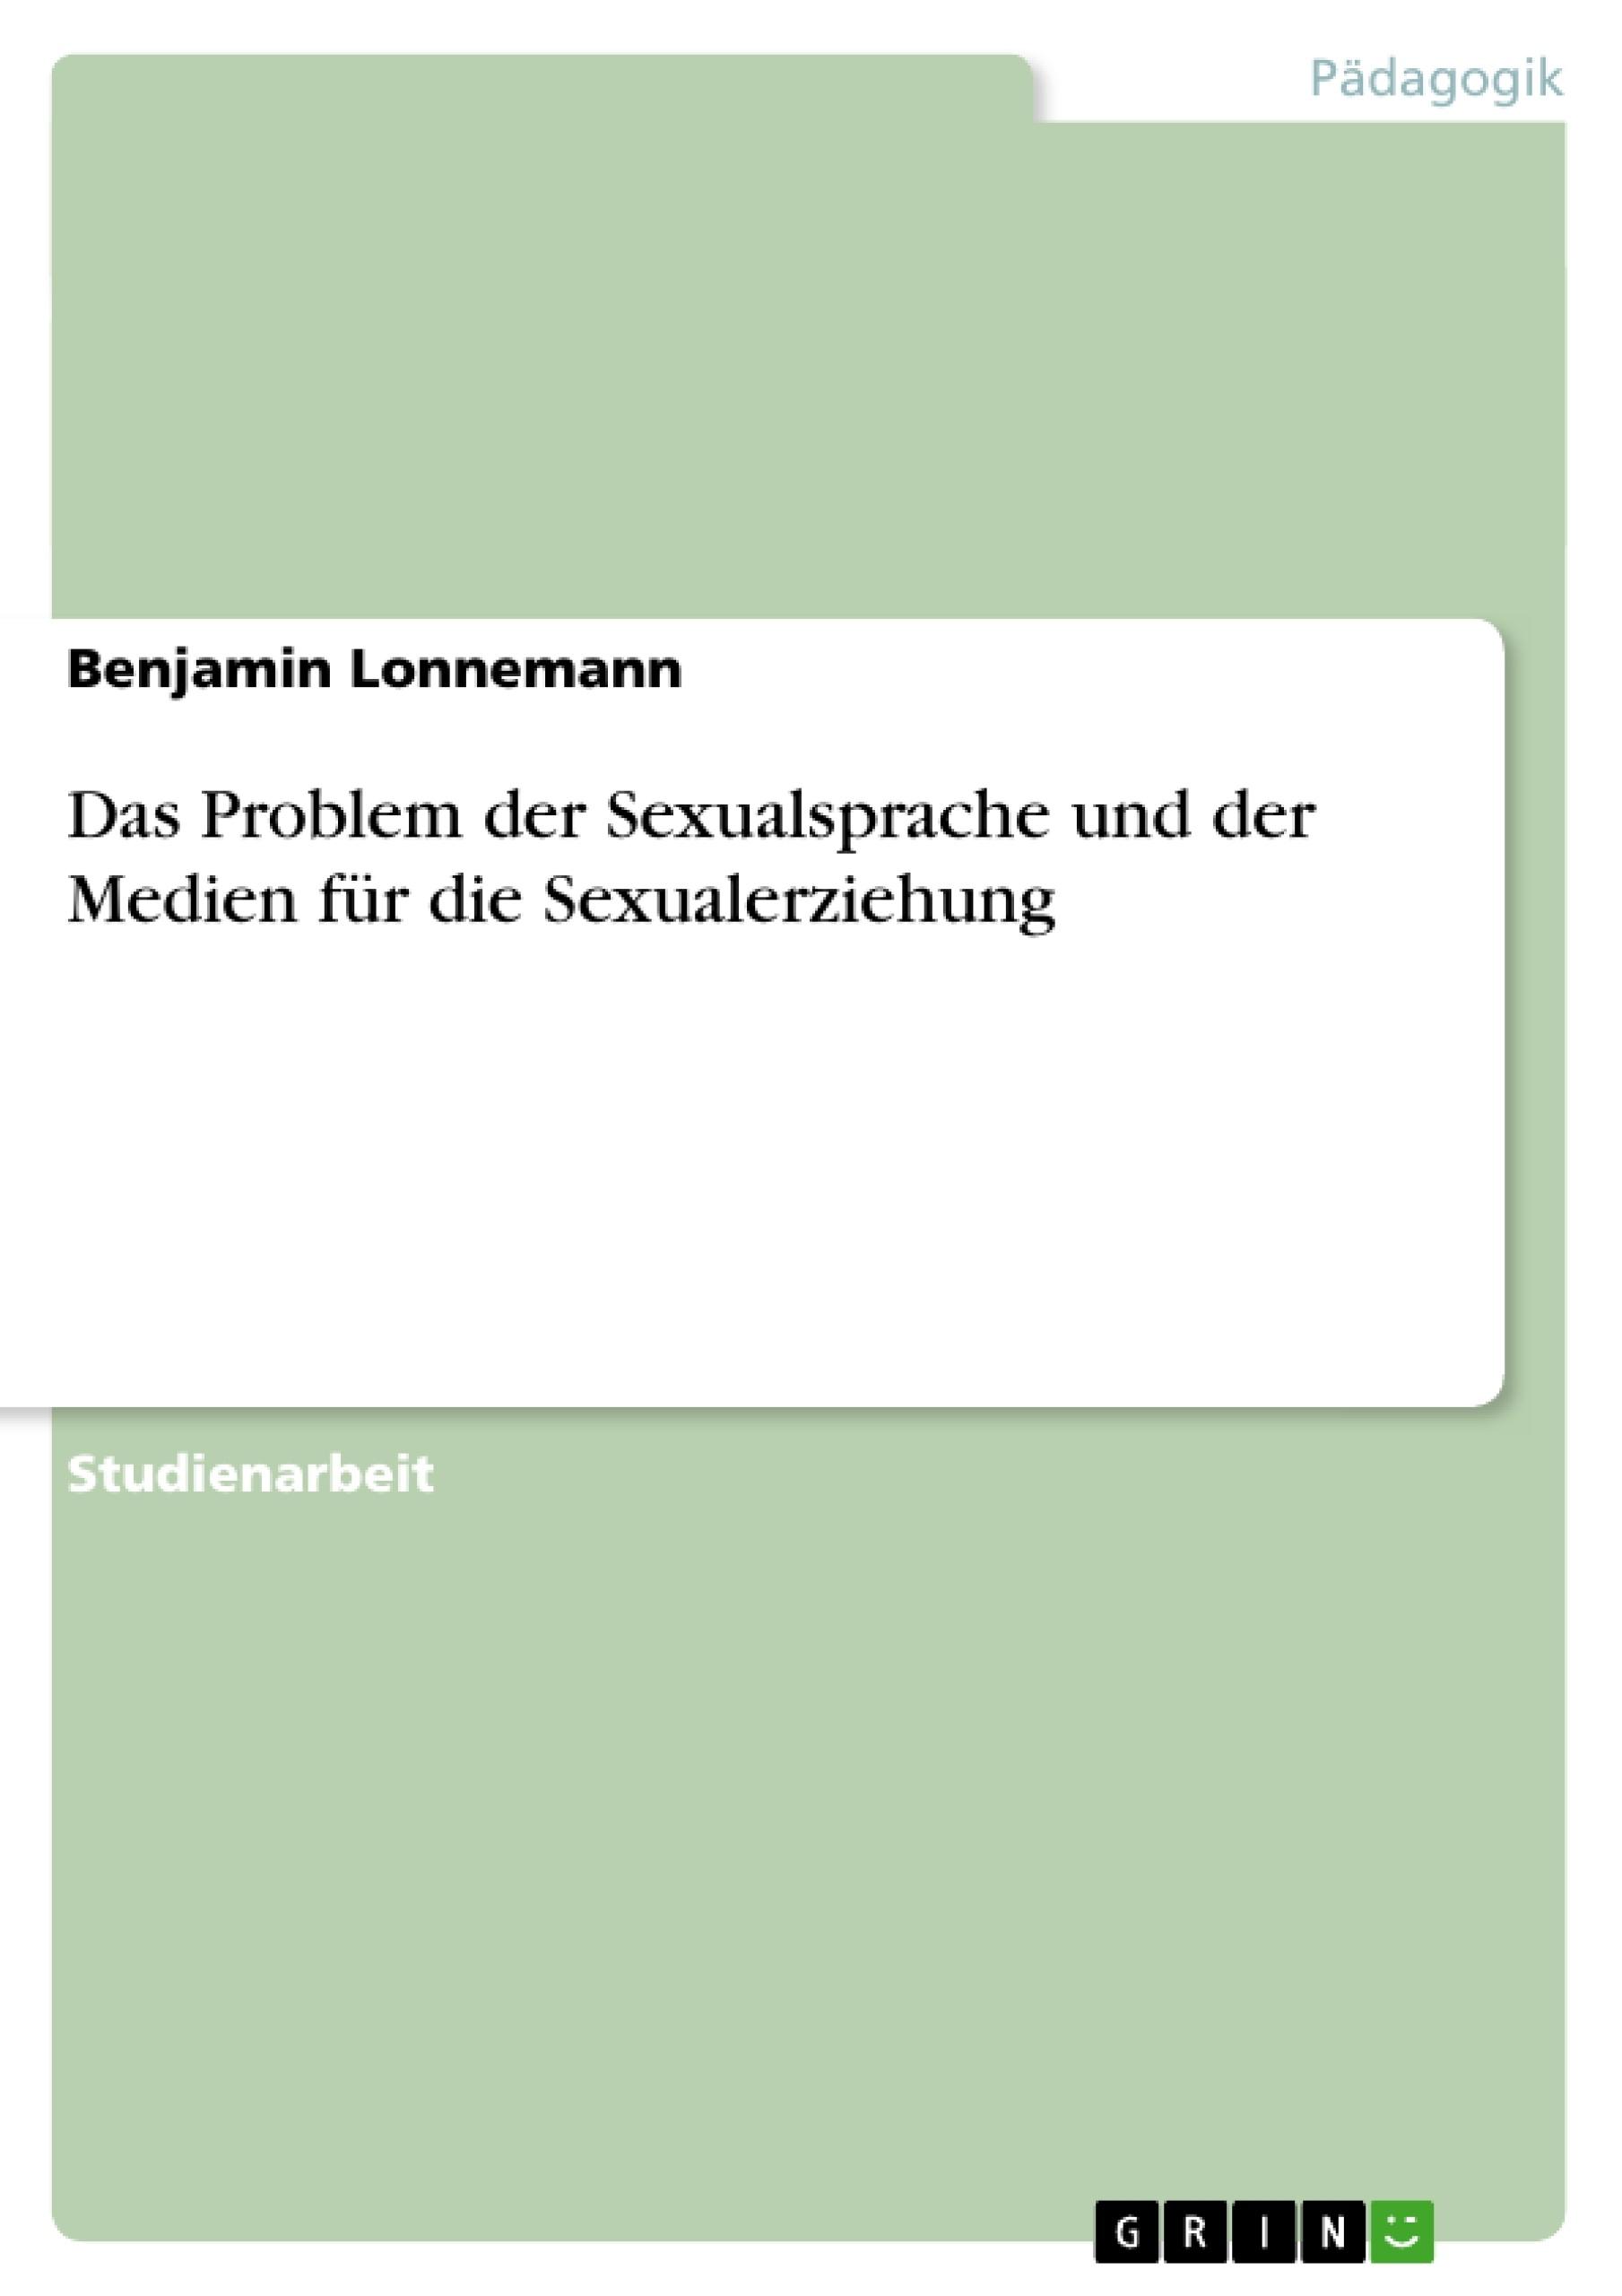 Titel: Das Problem der Sexualsprache und der Medien für die Sexualerziehung